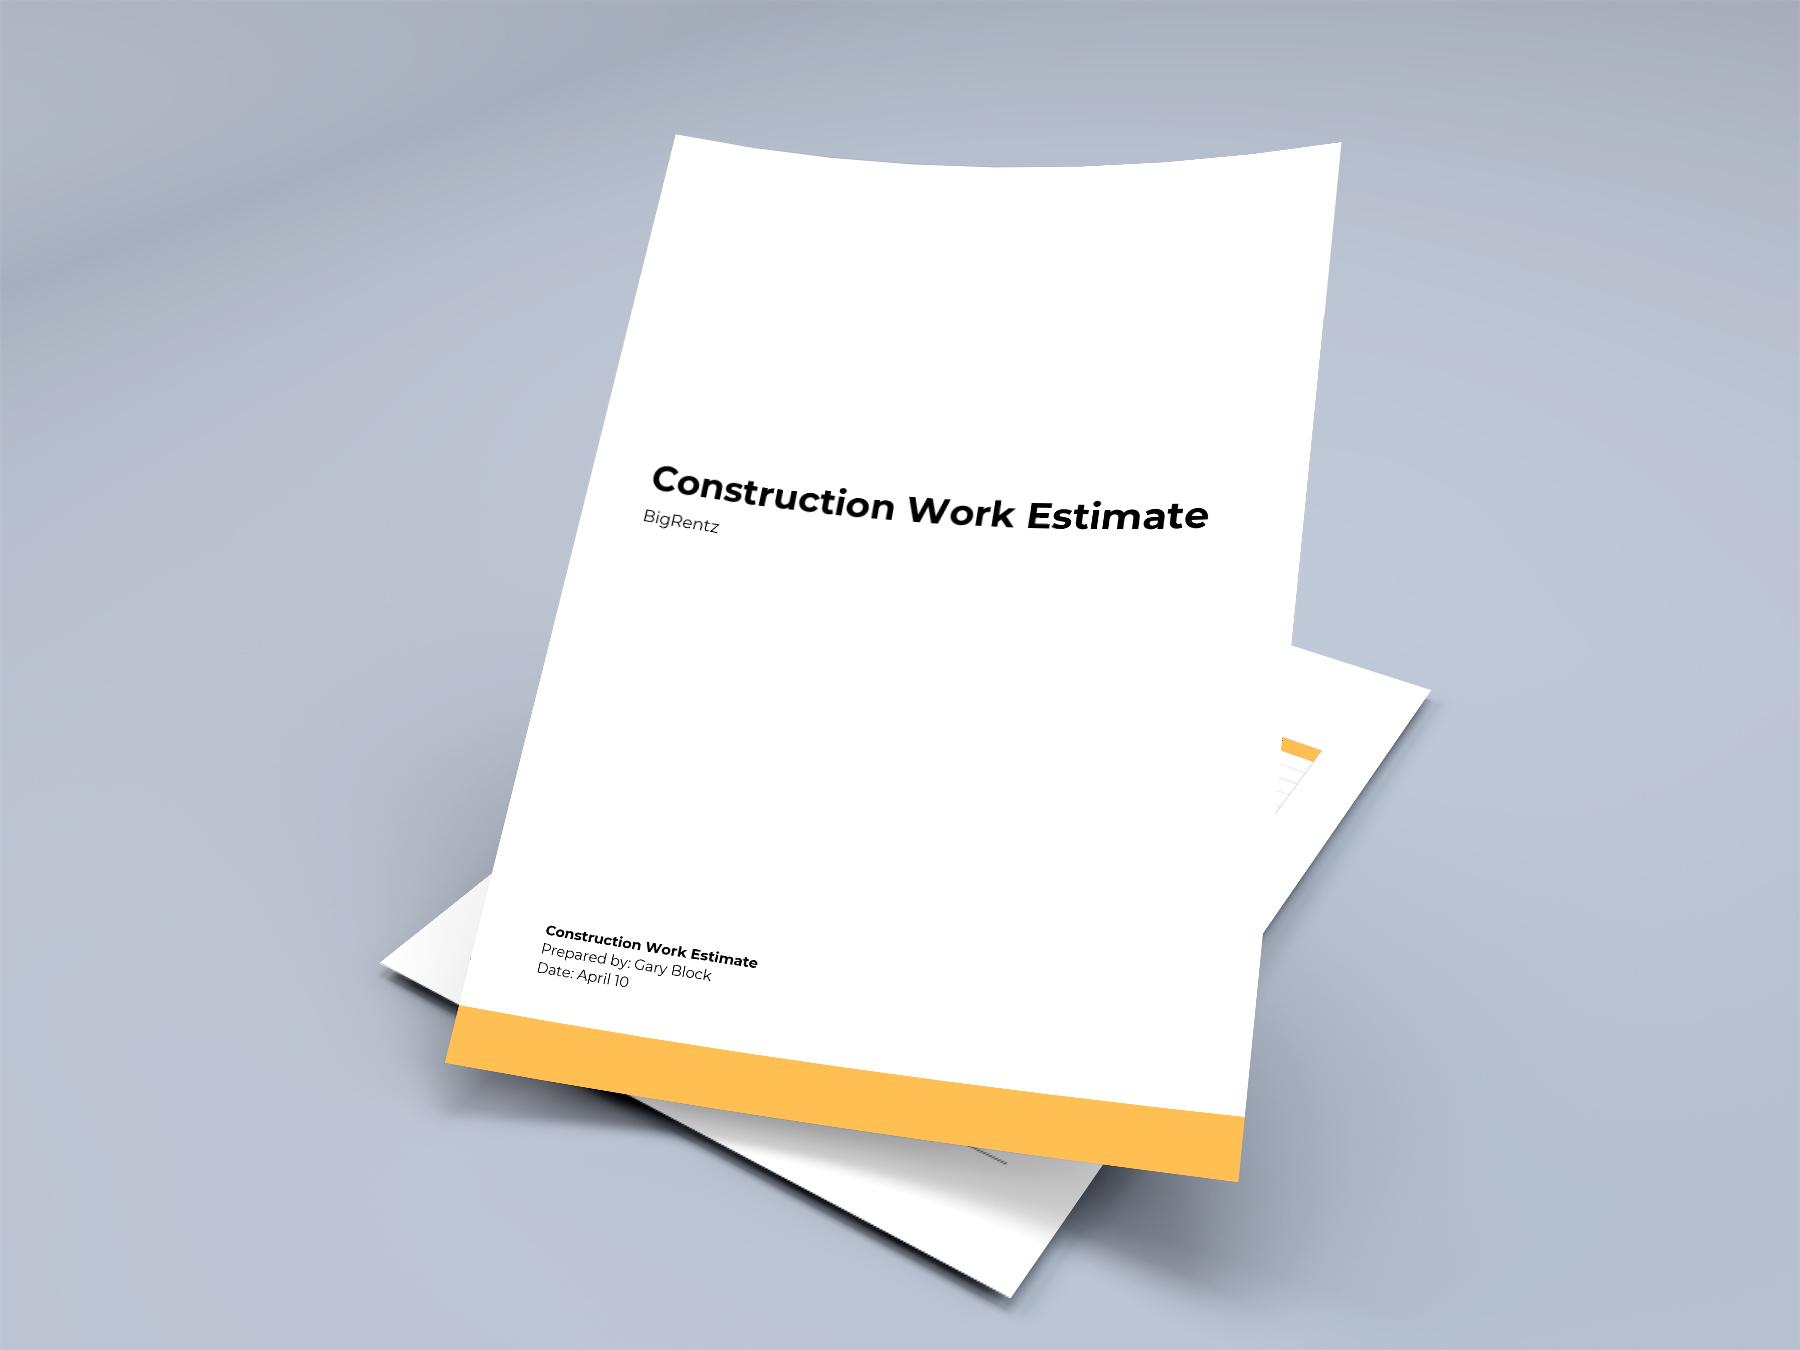 Construction Estimate Template (Free Downloadable PDF, DOC, EXCEL)